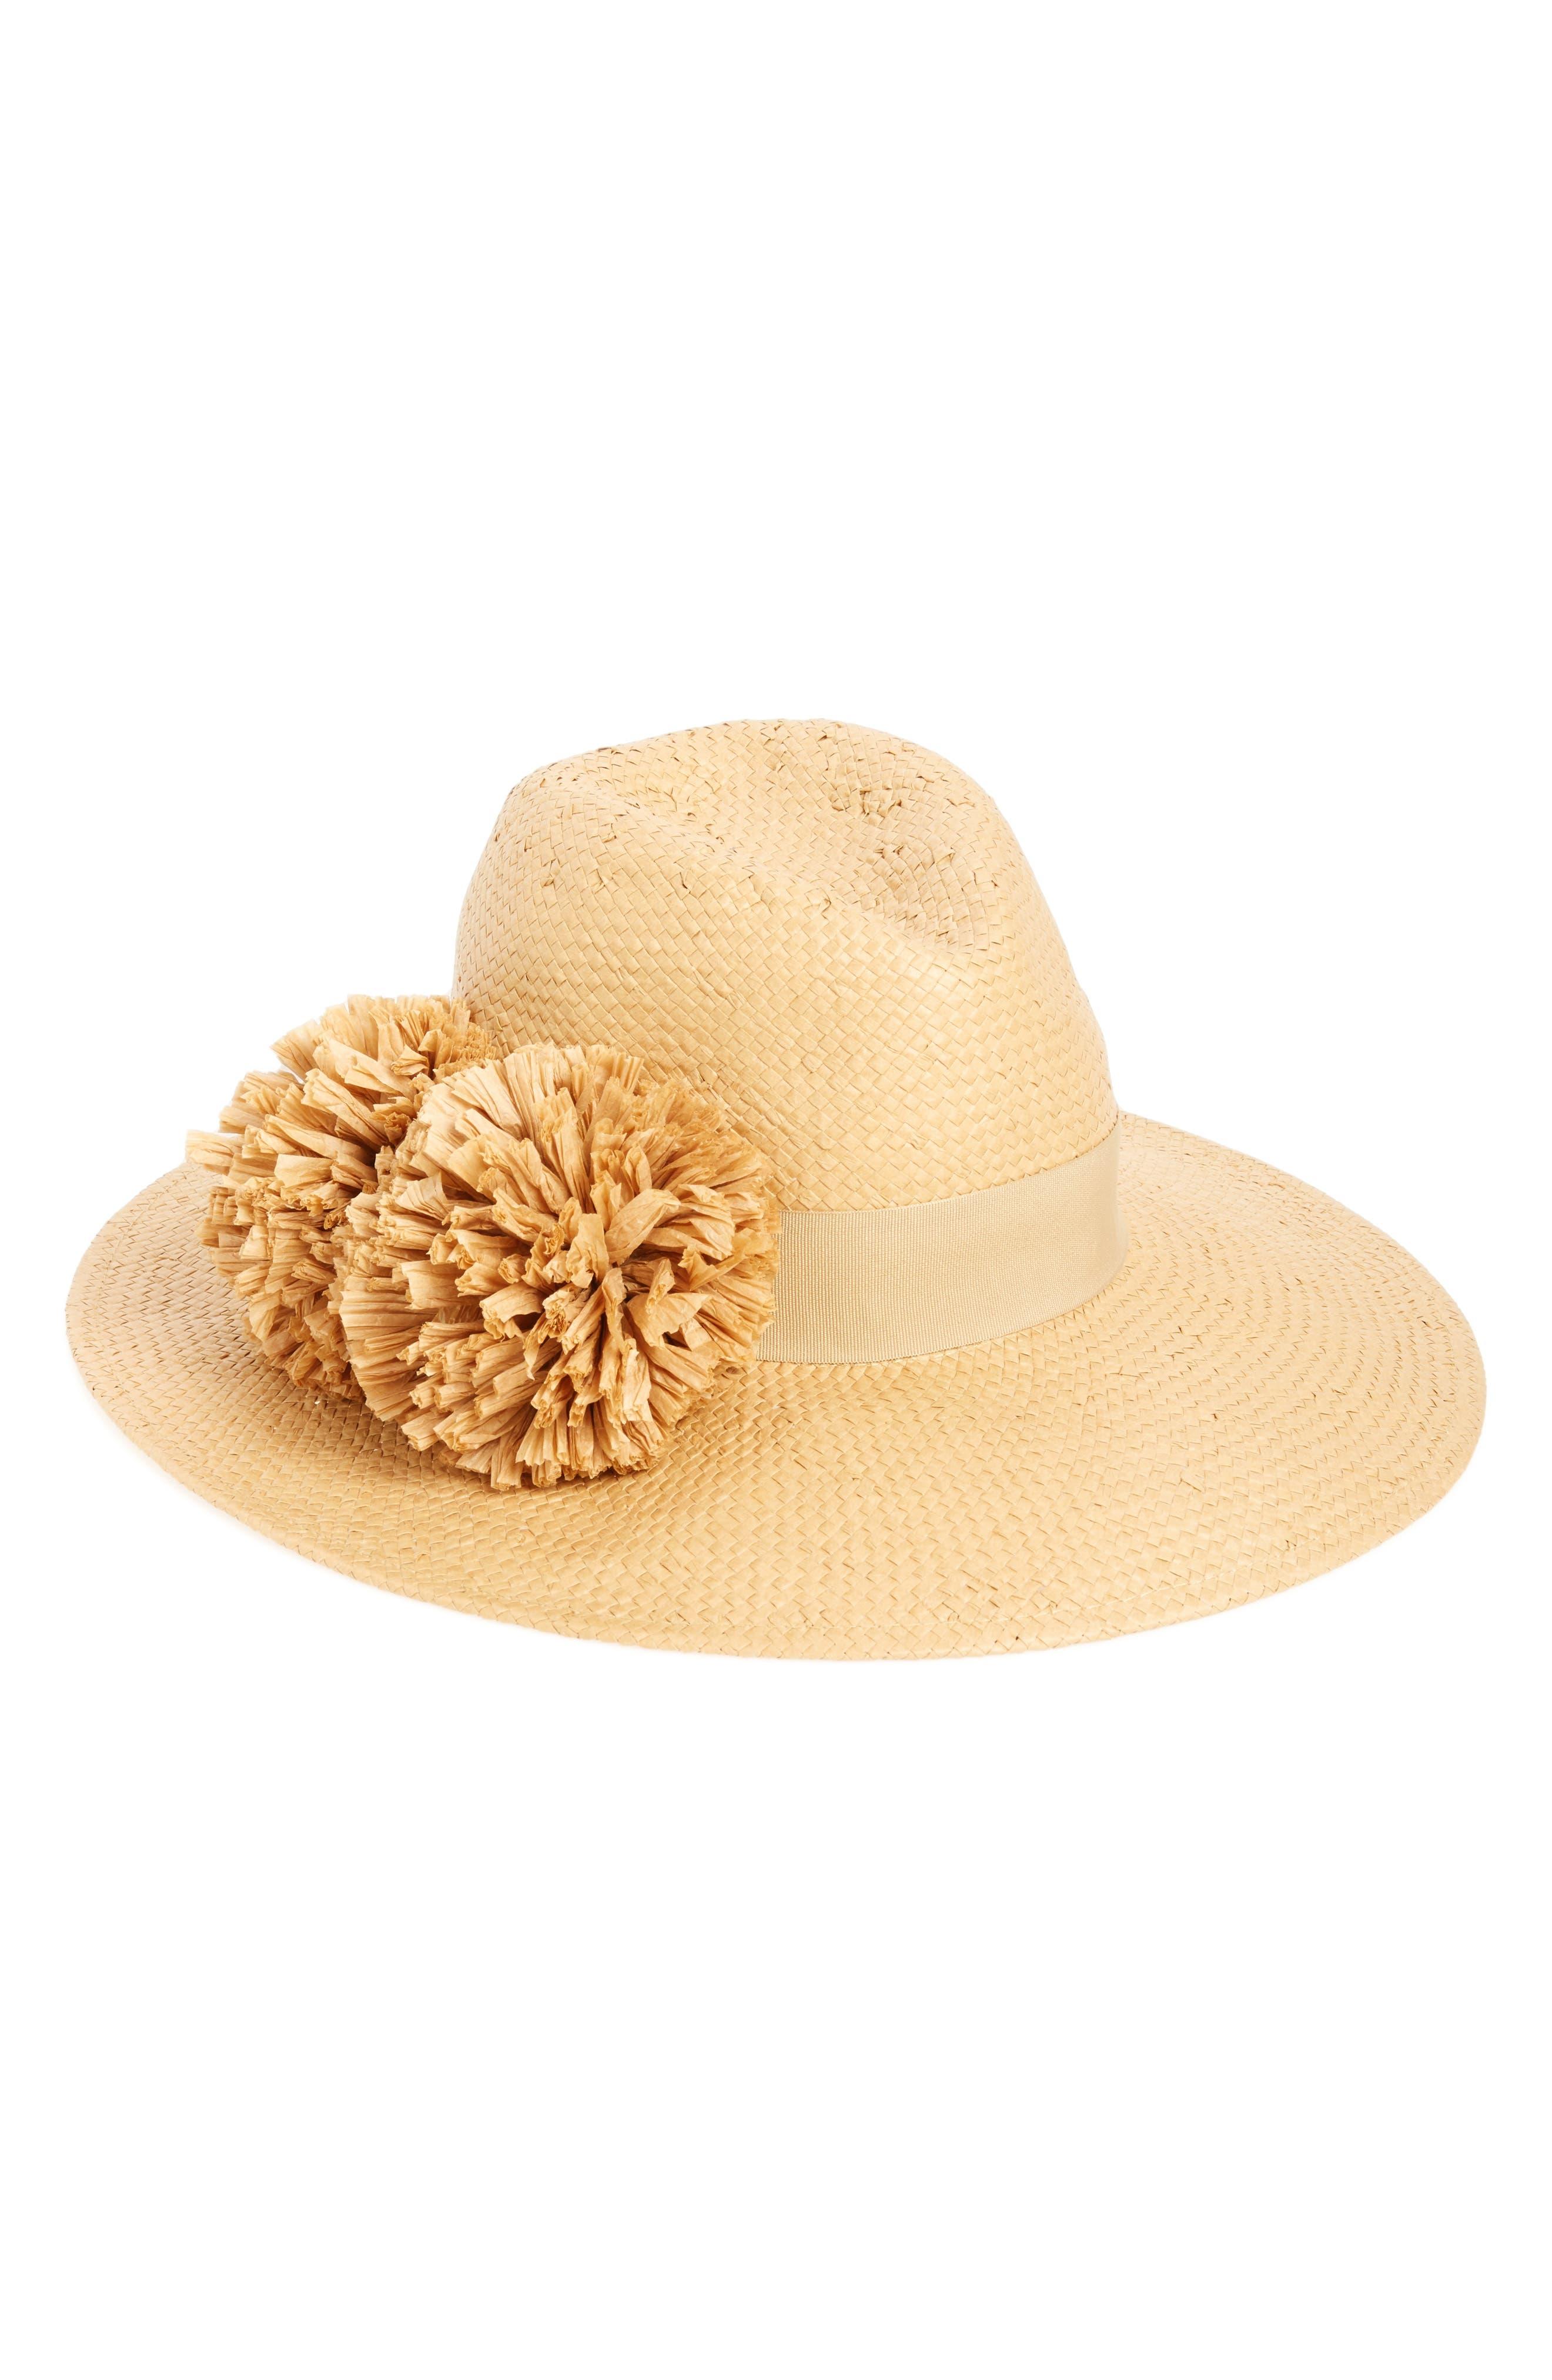 August Hat Pom Straw Fedora